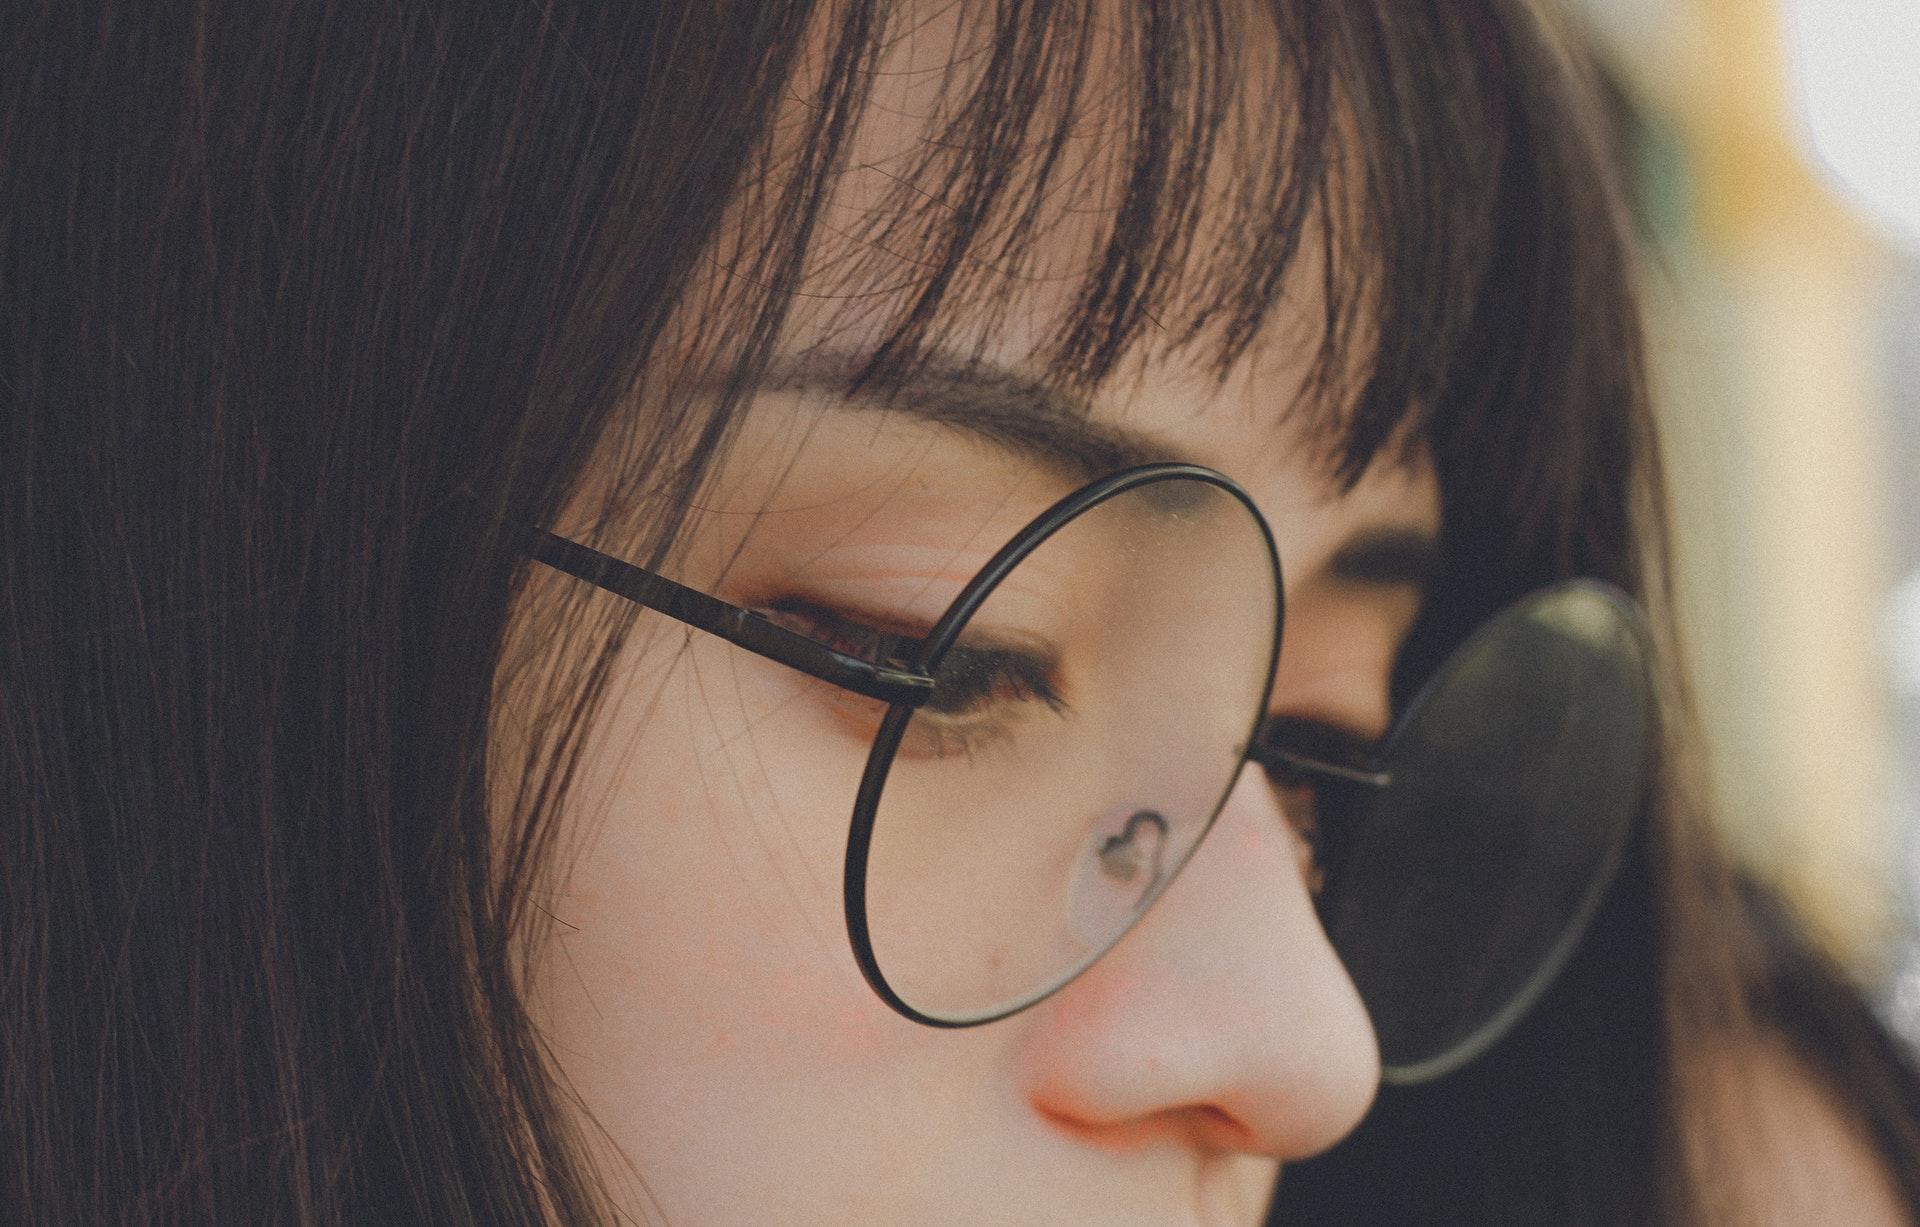 Asian girl in glasses